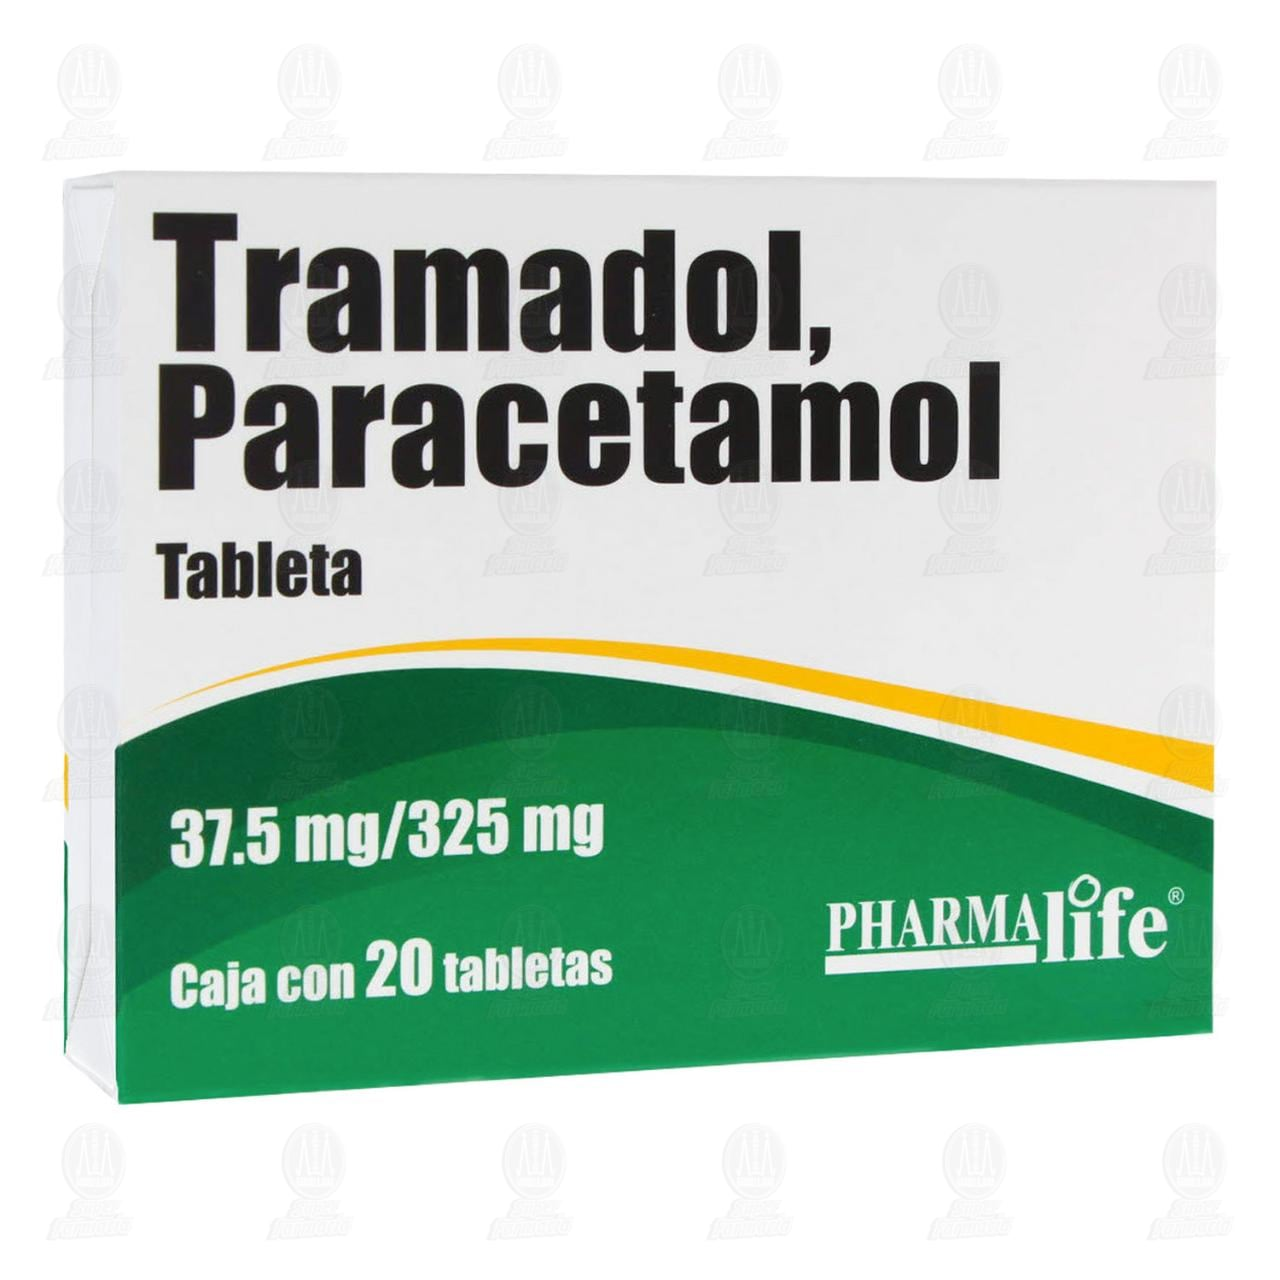 Tramadol / Paracetamol 37.5mg/325mg 20 Tabletas Pharmalife